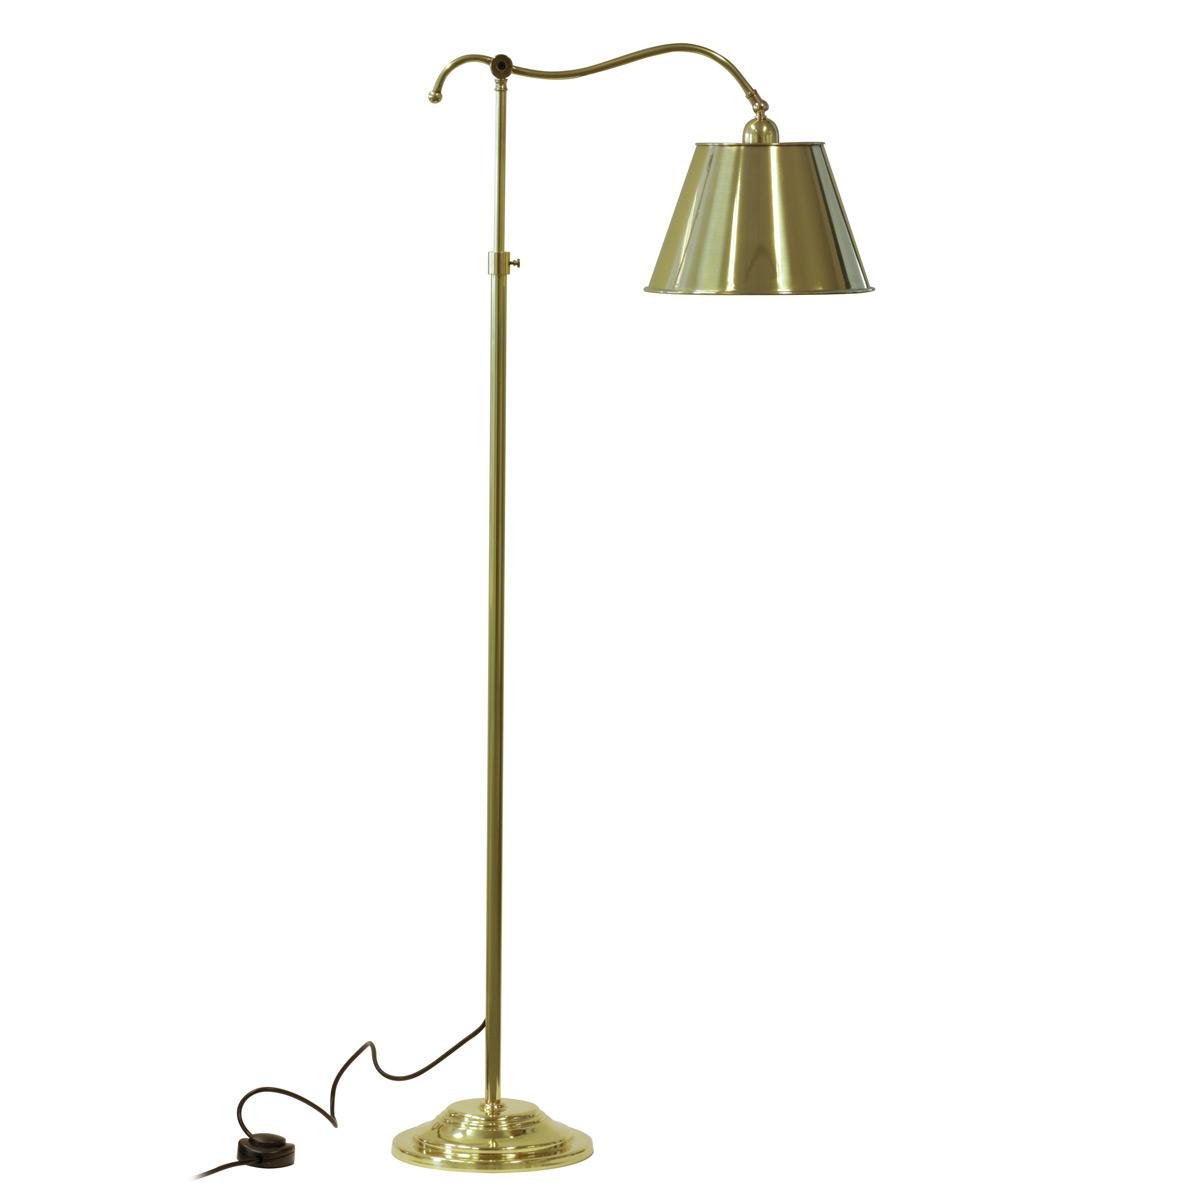 Franzosische Lese Stehlampe Aus Messing Casa Lumi